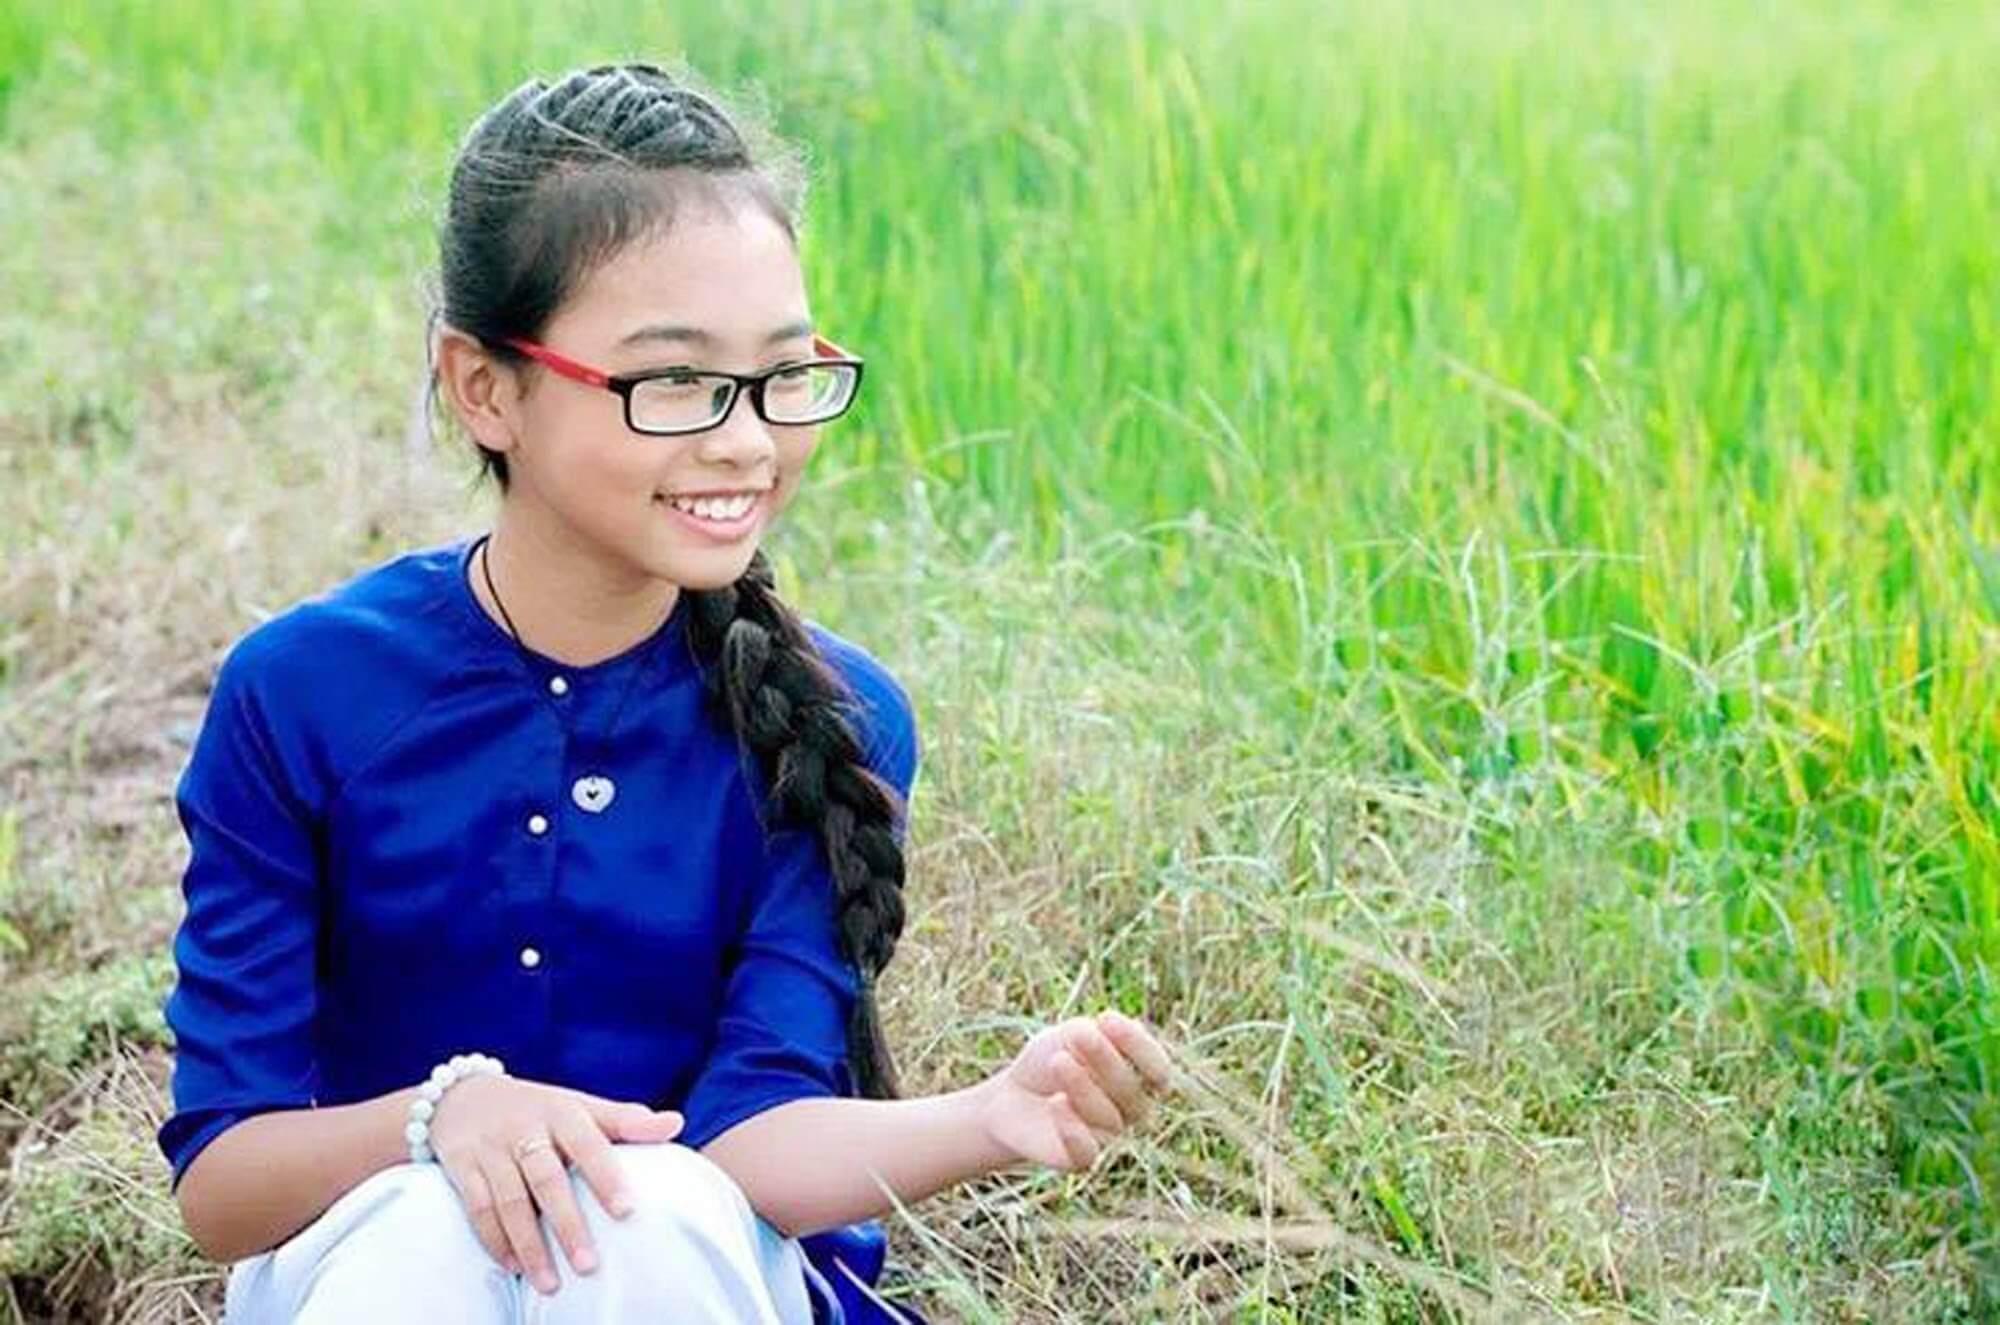 Phương Mỹ Chi, Thiện Nhân cùng 14 tuổi: Kẻ bị chê chín ép, người được khen - 1